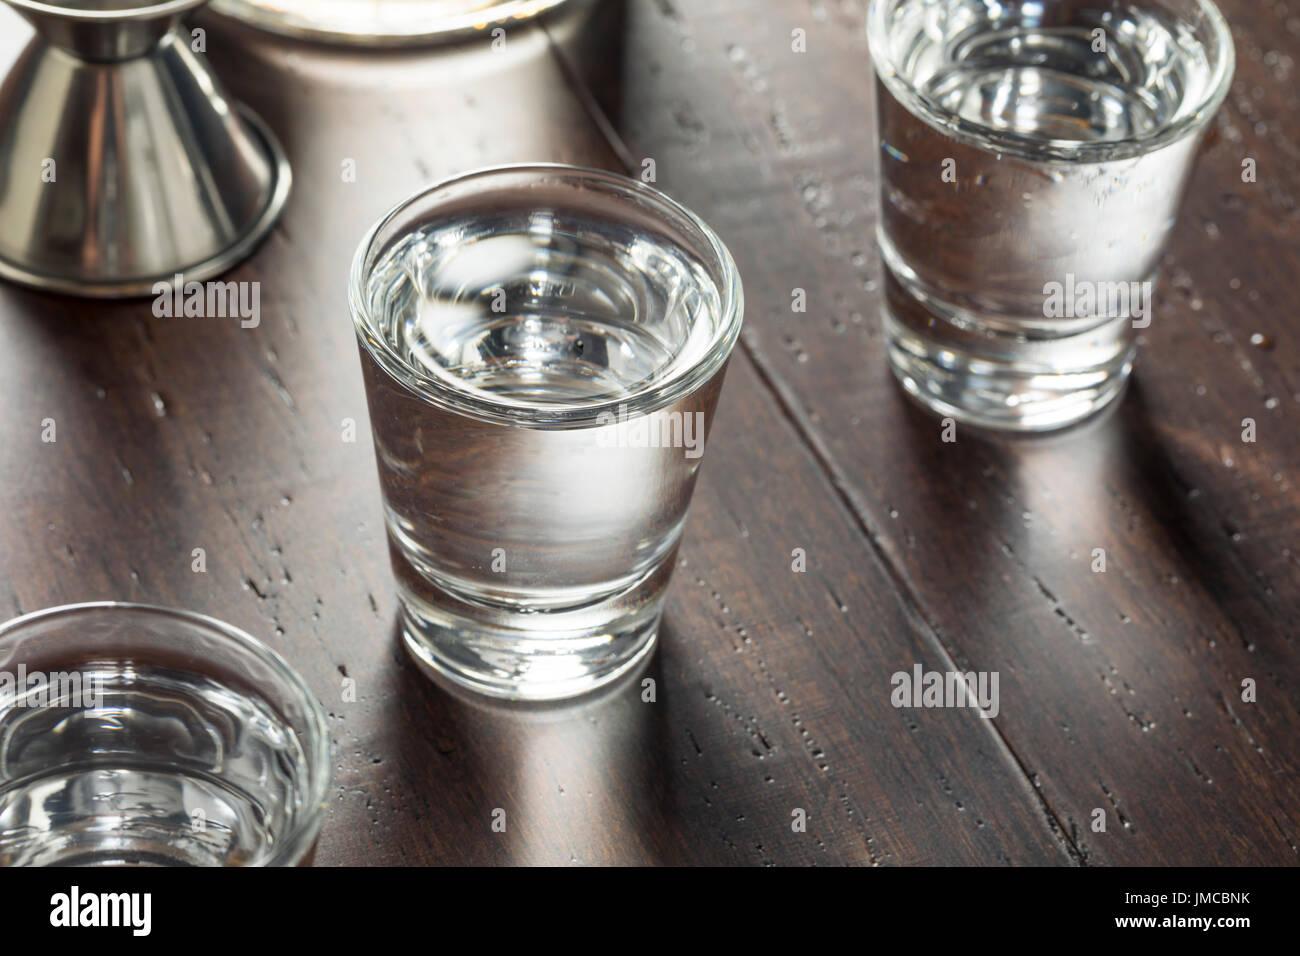 Cancellare bevande vodka russa scatti pronta da bere Immagini Stock